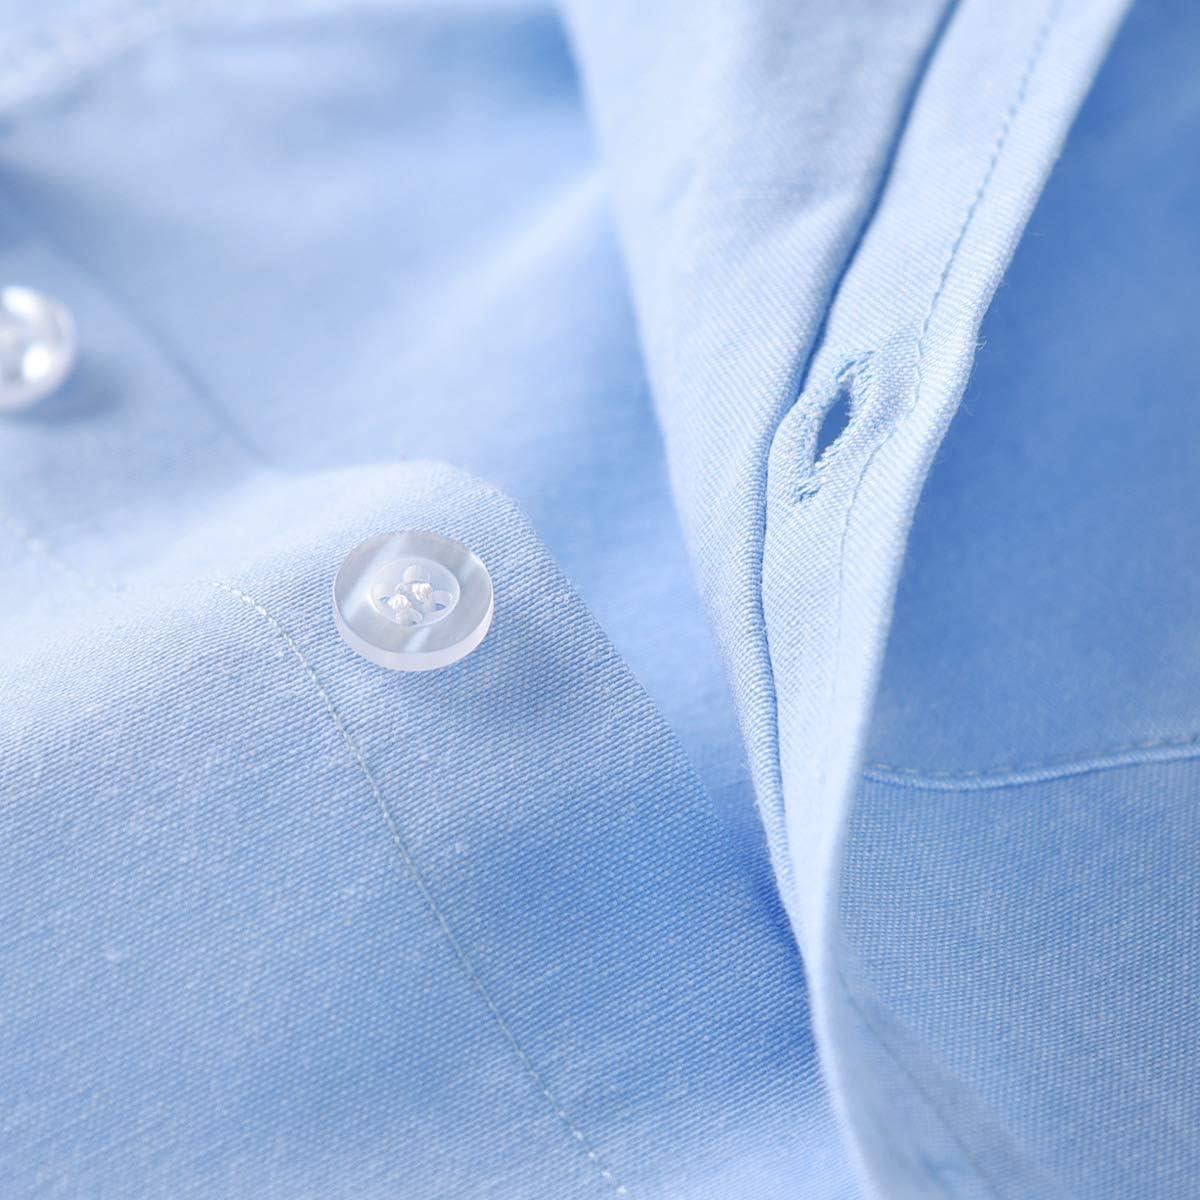 Kleidung f/ür Party Taufe Blau Hochzeit f/ür 6 Monate Hosen lang mit Tr/ägern f/ür Babys 6 Jahre DaMohony Kinder Anzug Hemd